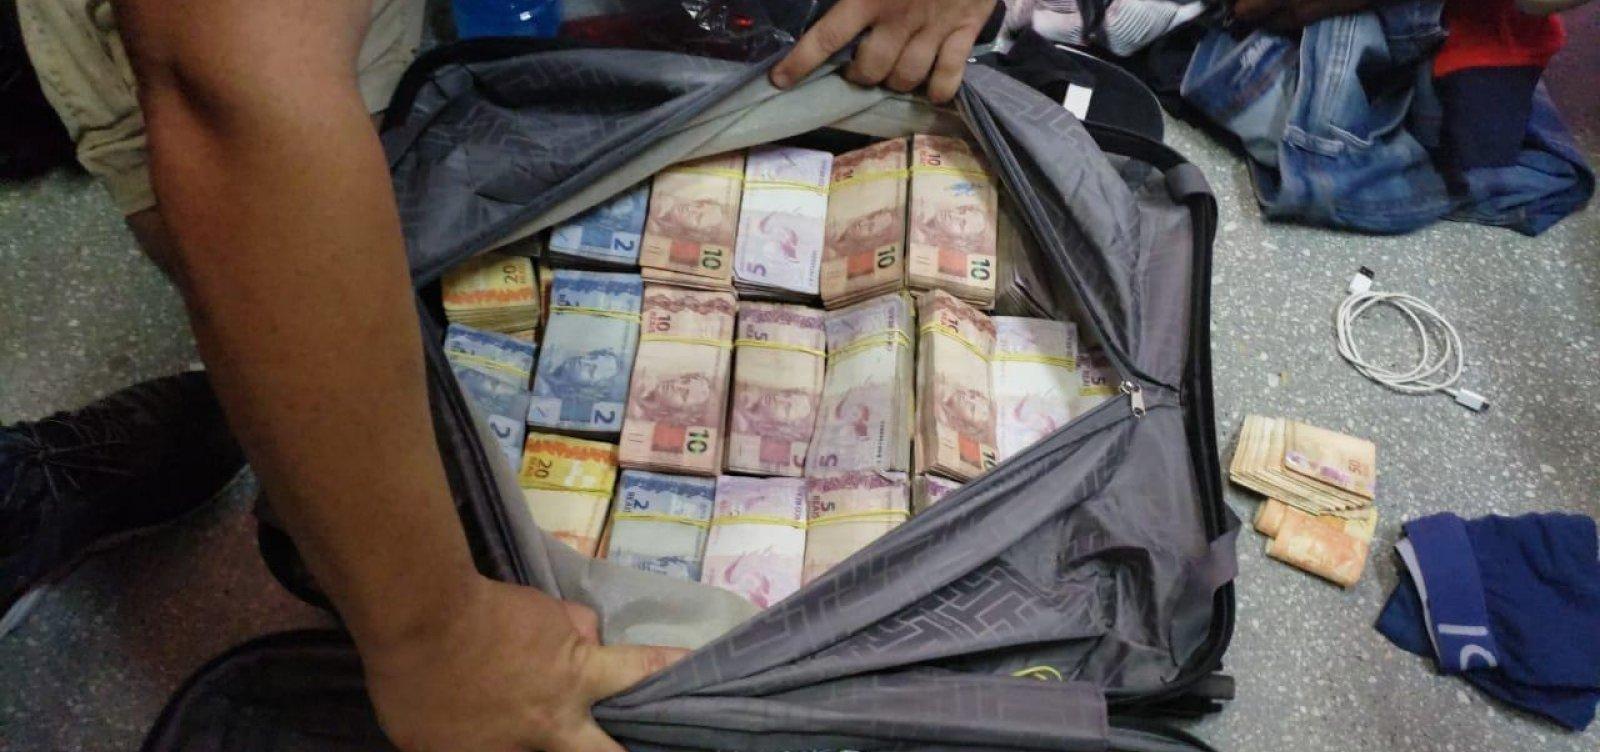 Suspeitos de furtar banco são presos ao tentar embarcar com dinheiro em voo